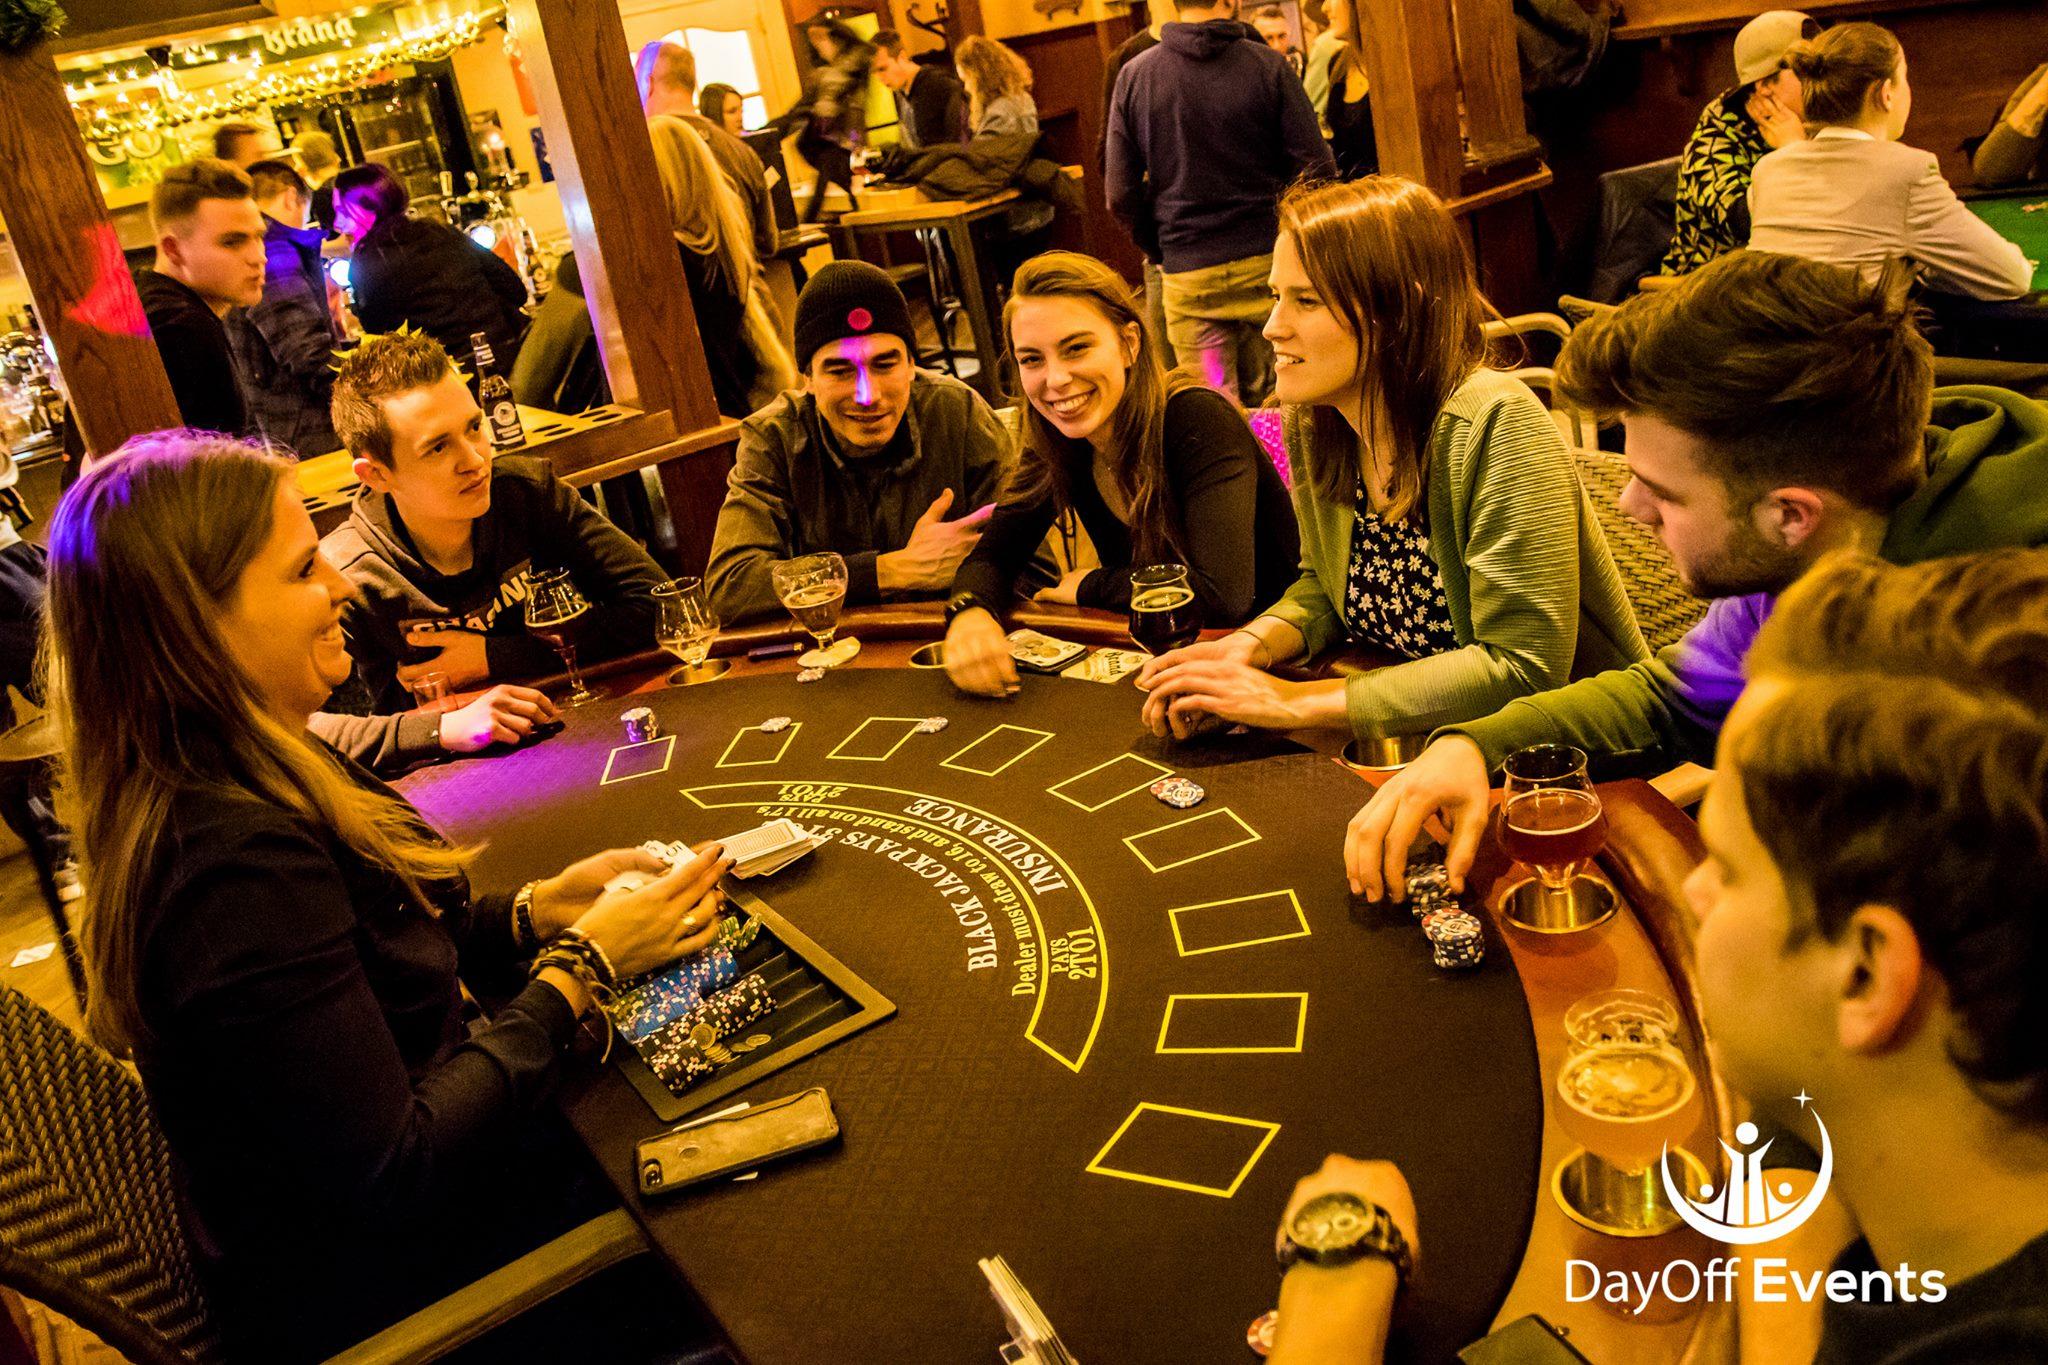 Casino avond bij jouw sportclub, evenement, in de kroeg of bij jouw thuis!